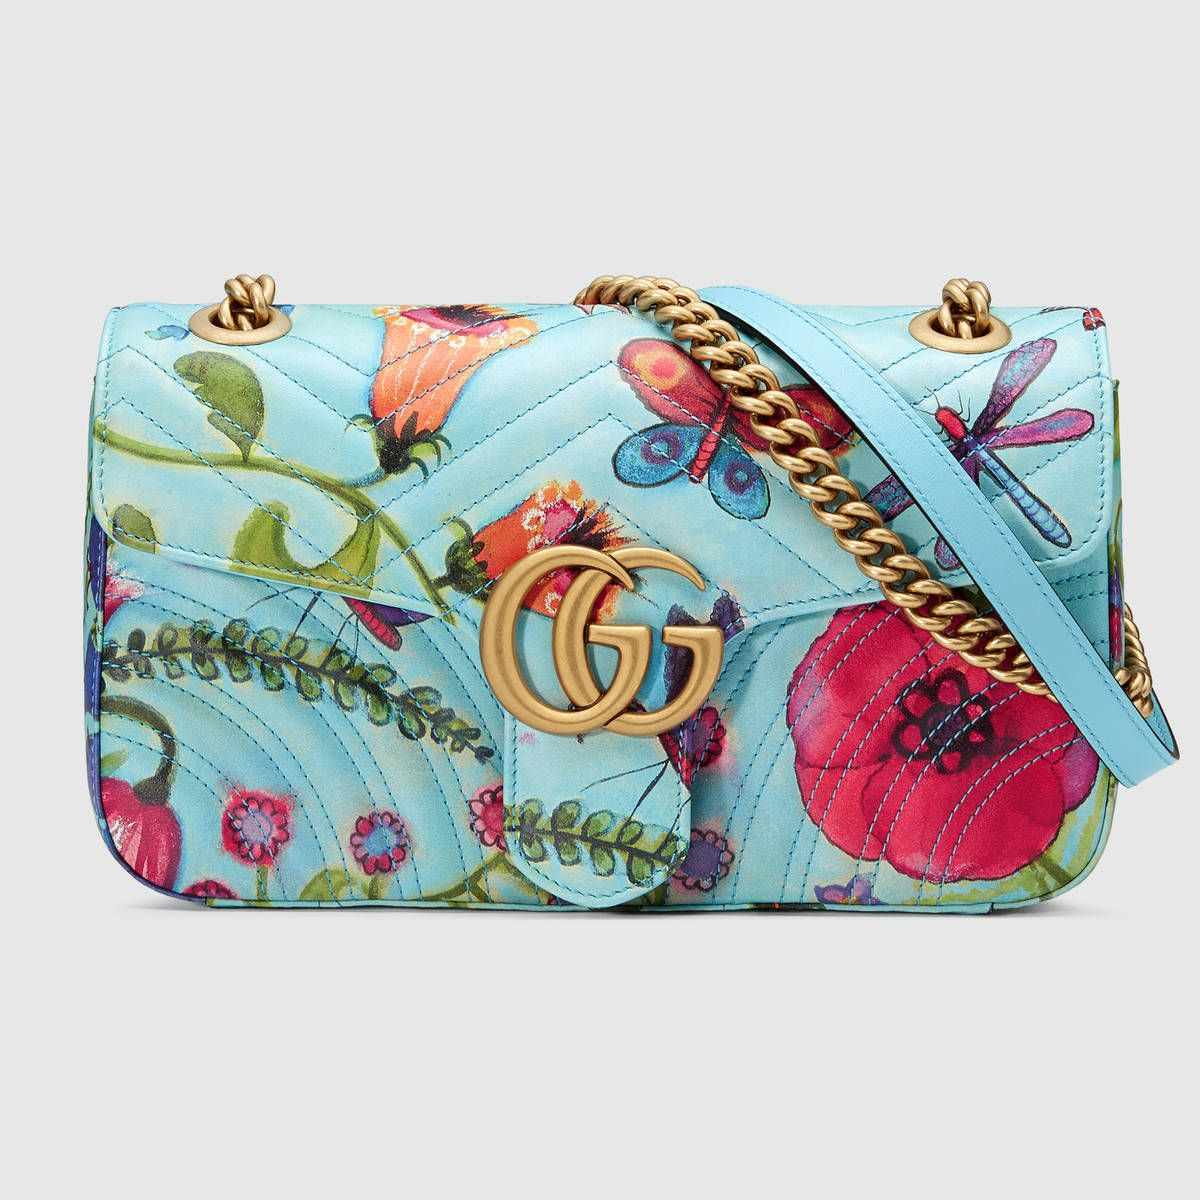 5d04af5dc75f36 Unskilled Worker GG Marmont shoulder bag - Gucci Women's Shoulder Bags  4434970E21E4881